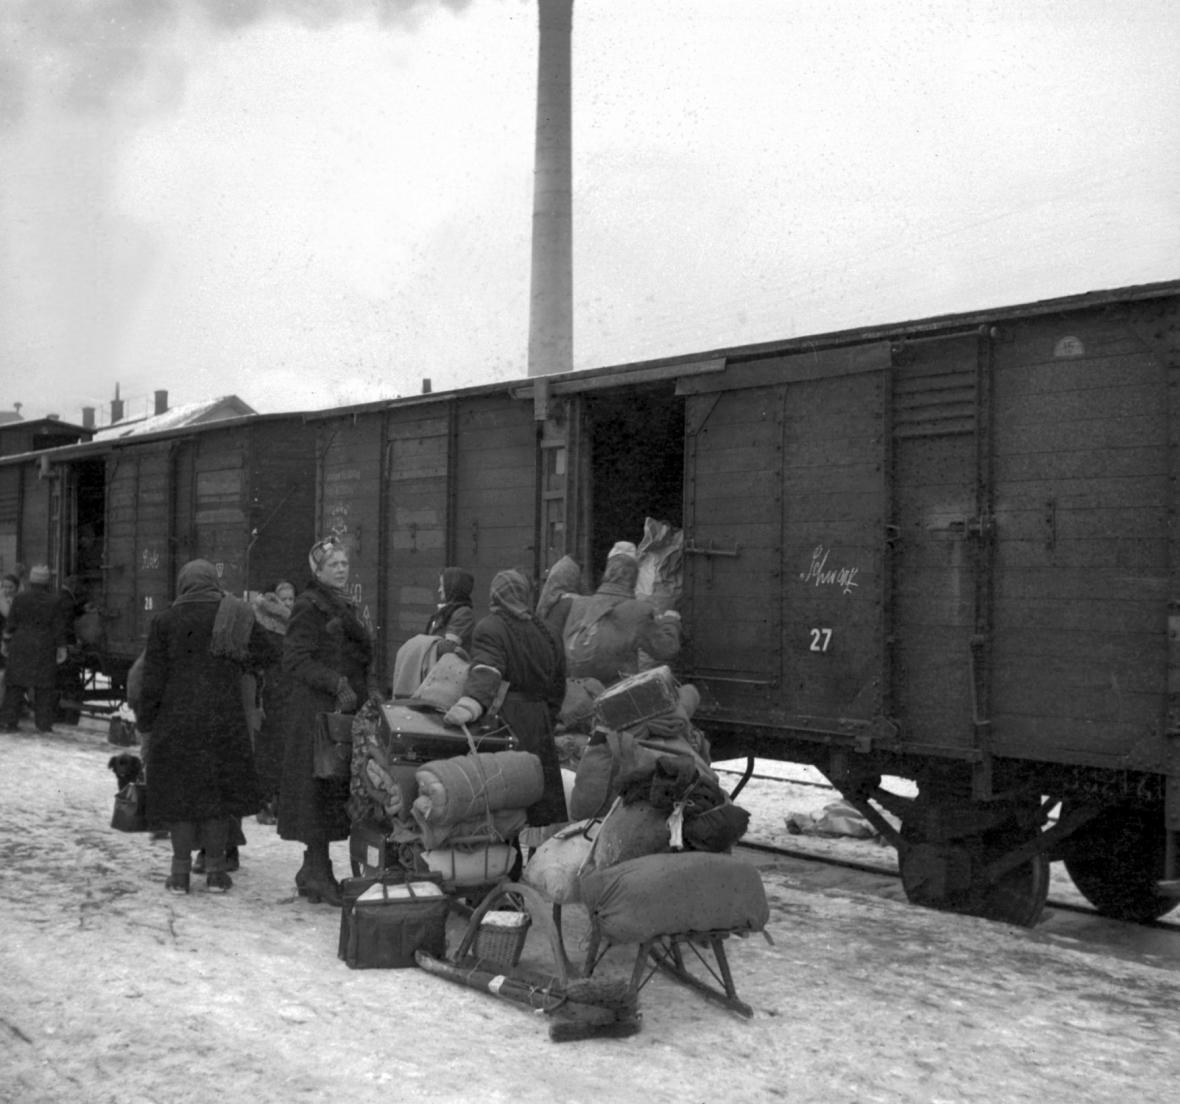 První transport z Mariánských Lázní do americké okupační zóny Německa 25. ledna 1946